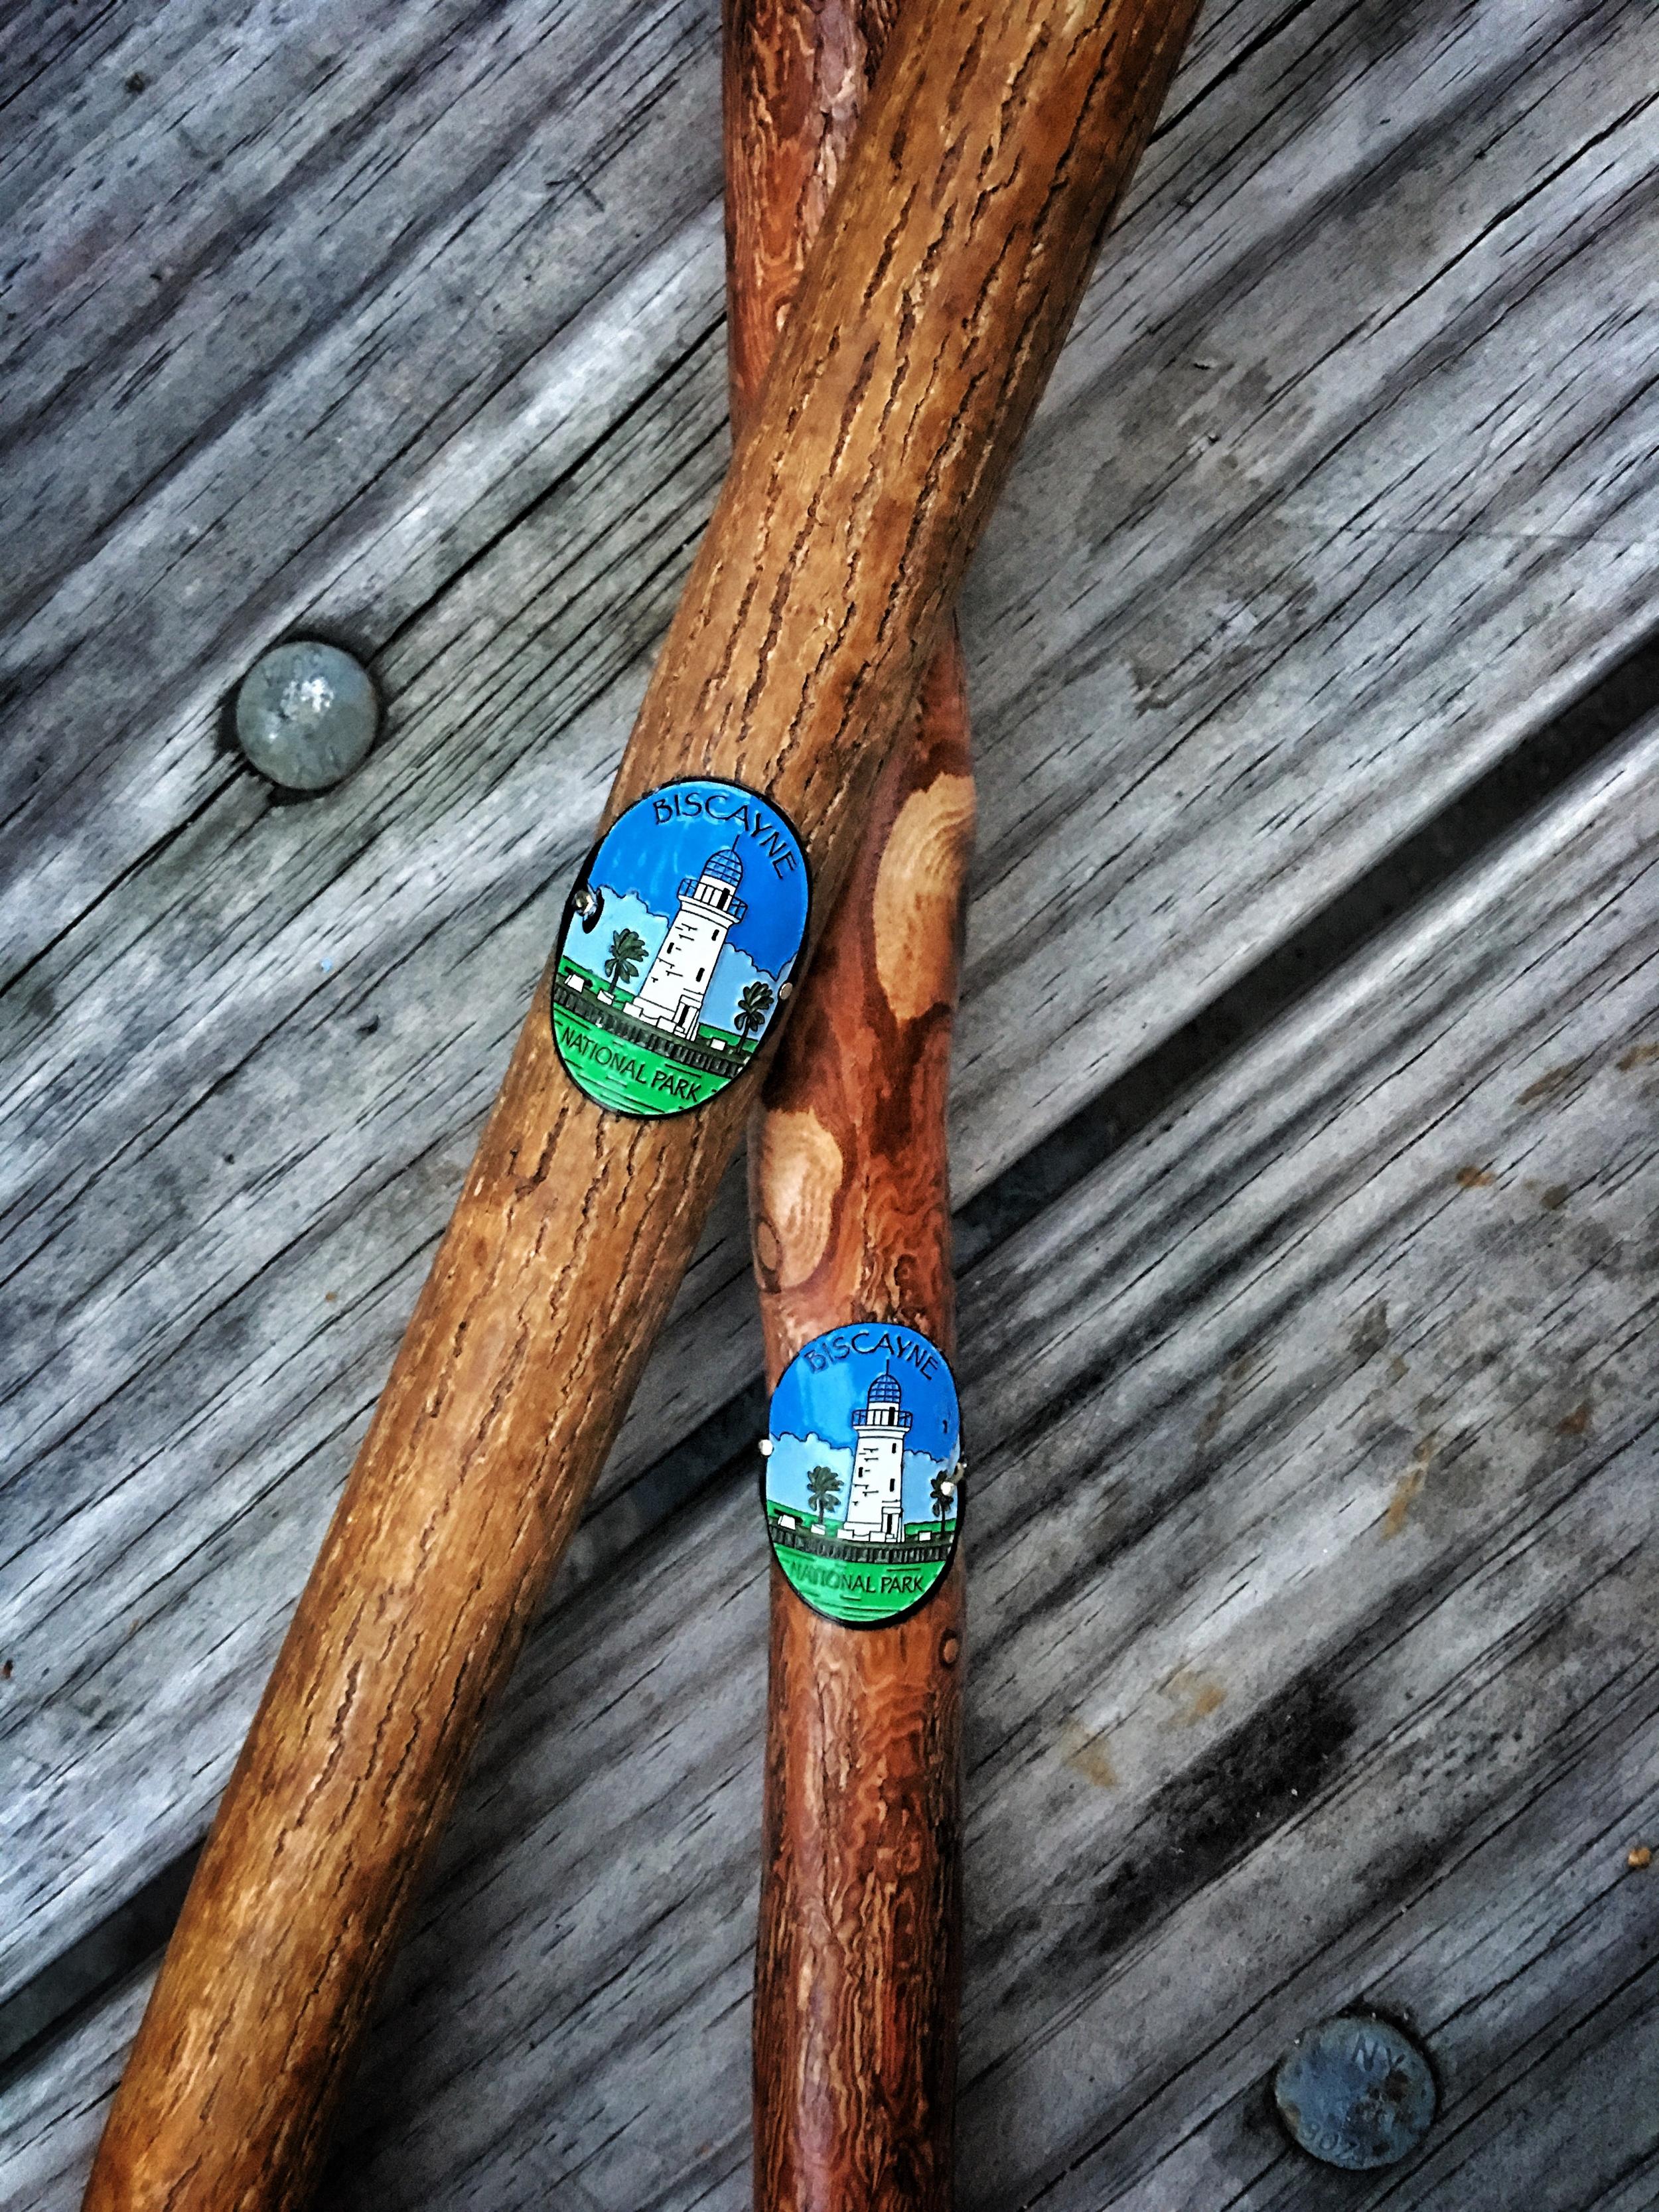 Biscayne National Park hiking stick medallions.